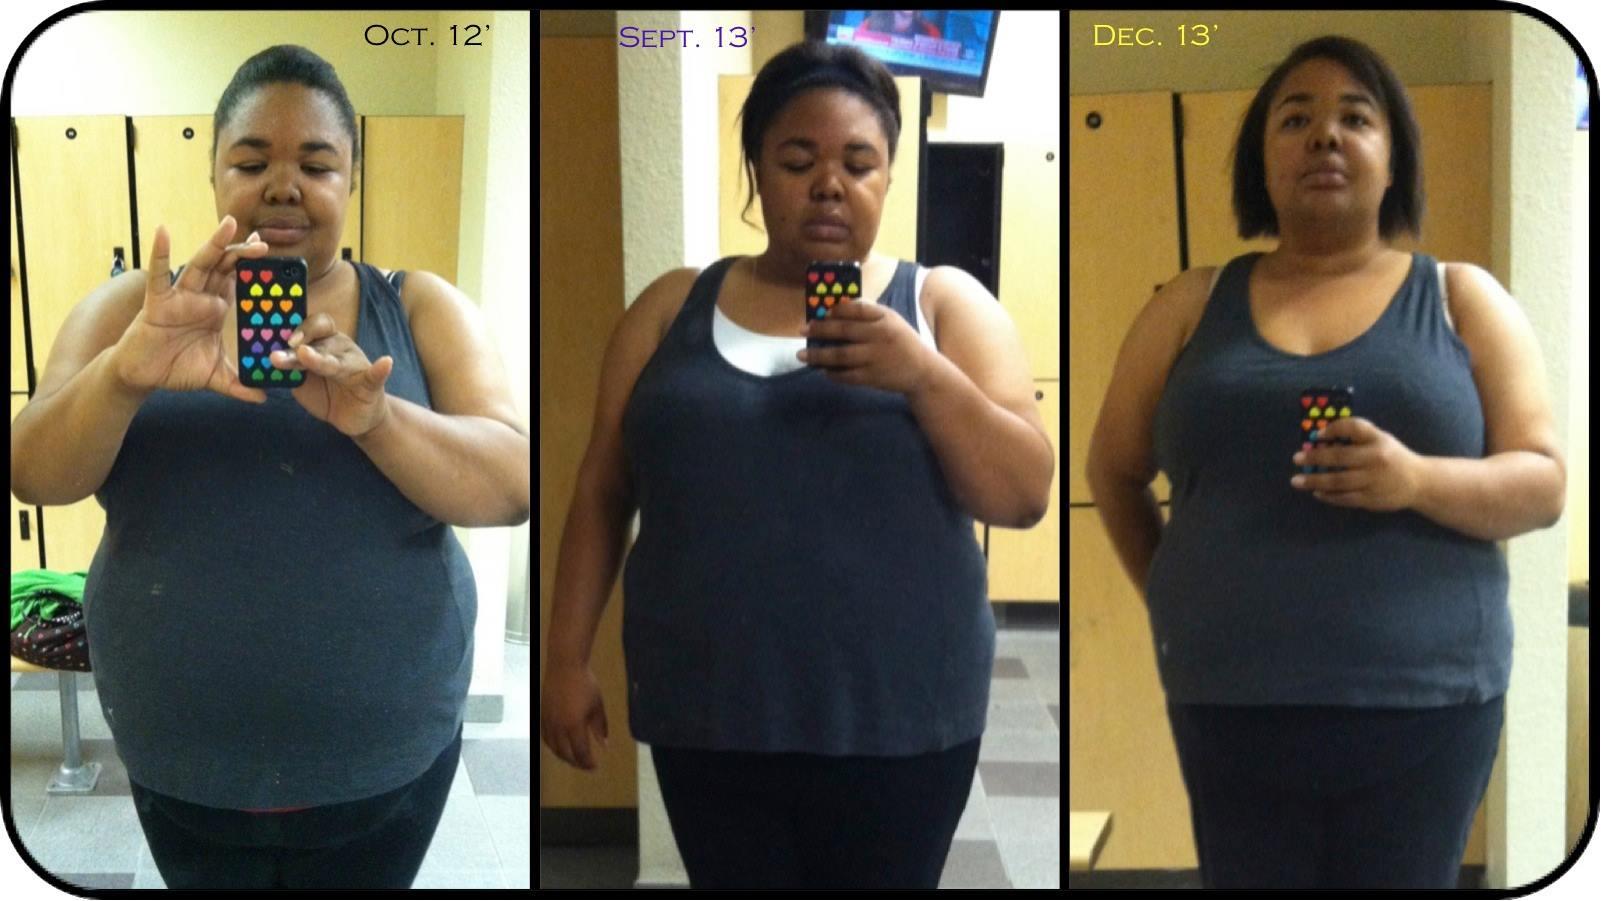 Bessere Laune, bessere Figur – 100 Tage im Gym